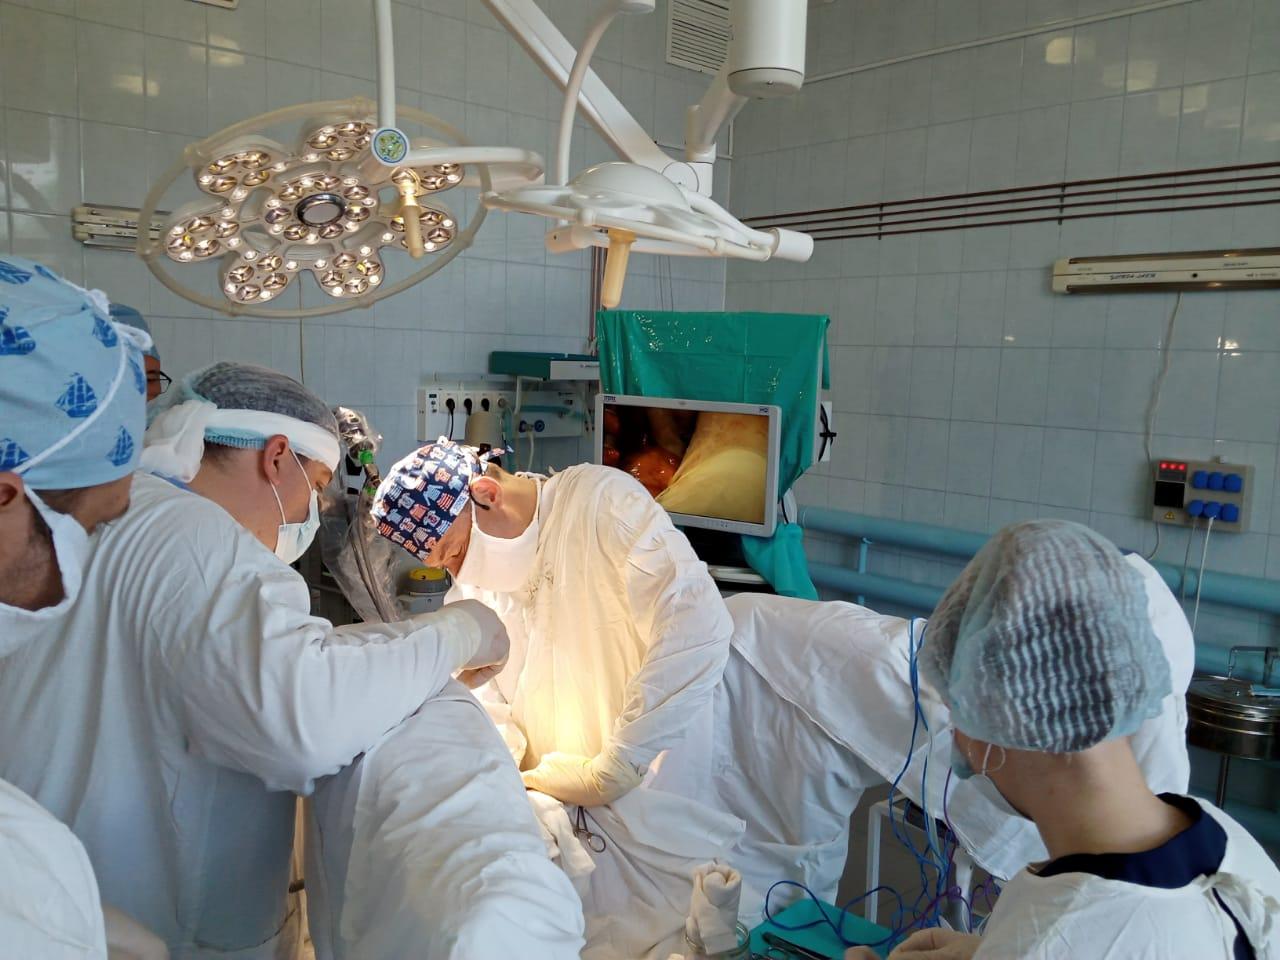 Лучшие хирурги-онкологи страны продемонстрировали в Ярославле самые передовые методики лечения опухолей